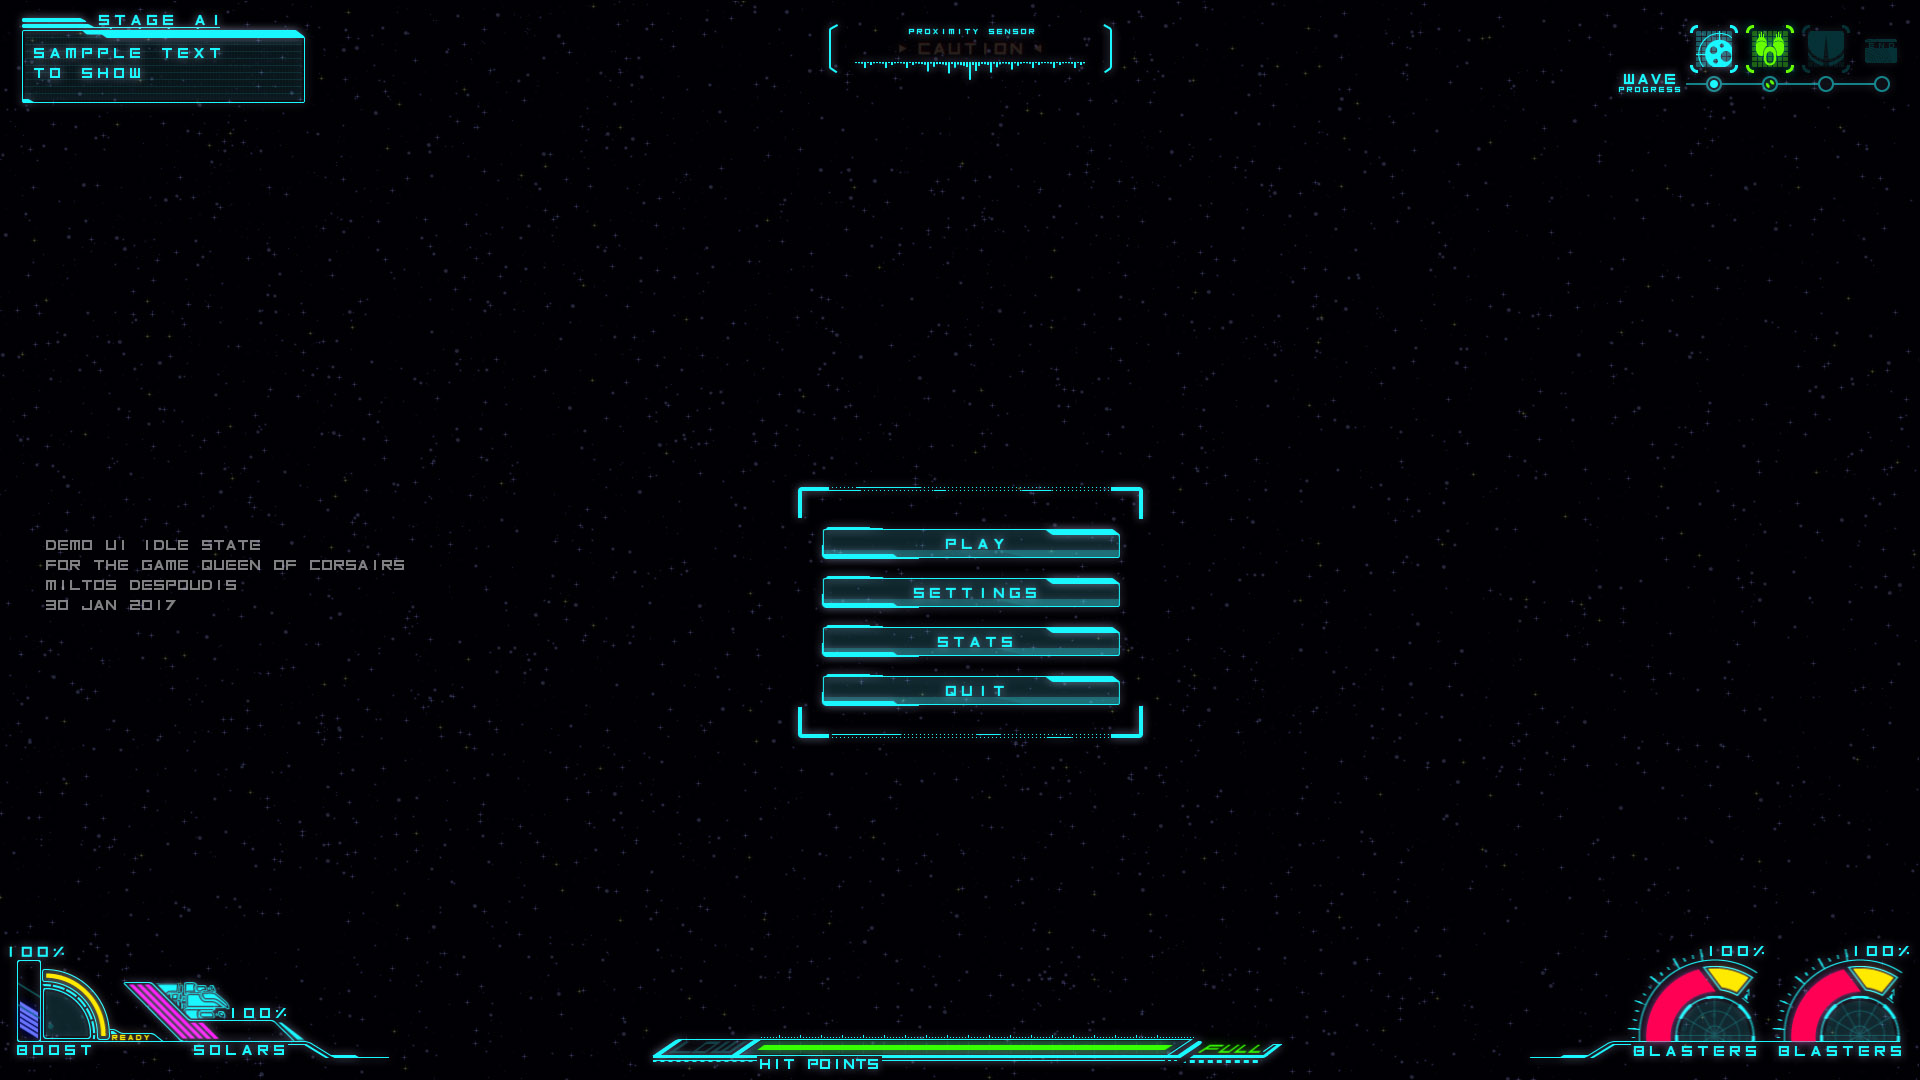 Demo UI QoC